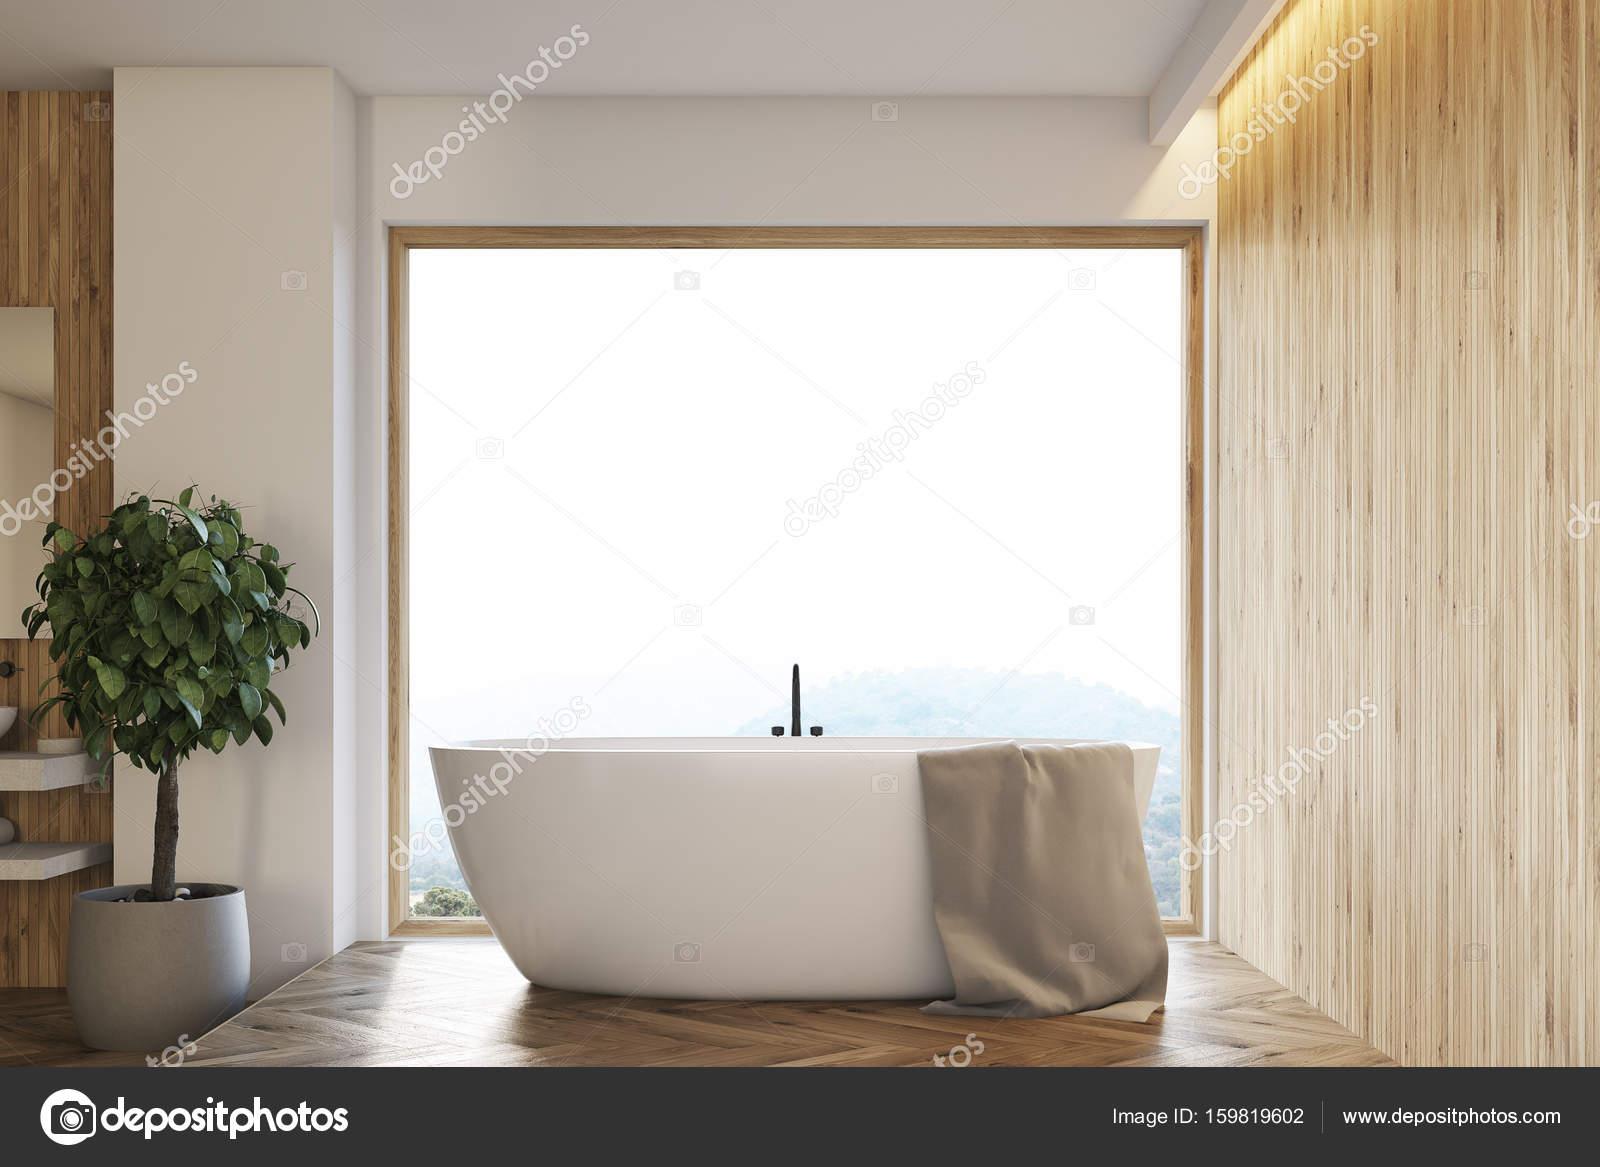 Großes Fenster Aus Holz Badezimmer Interieur, Baum U2014 Stockfoto